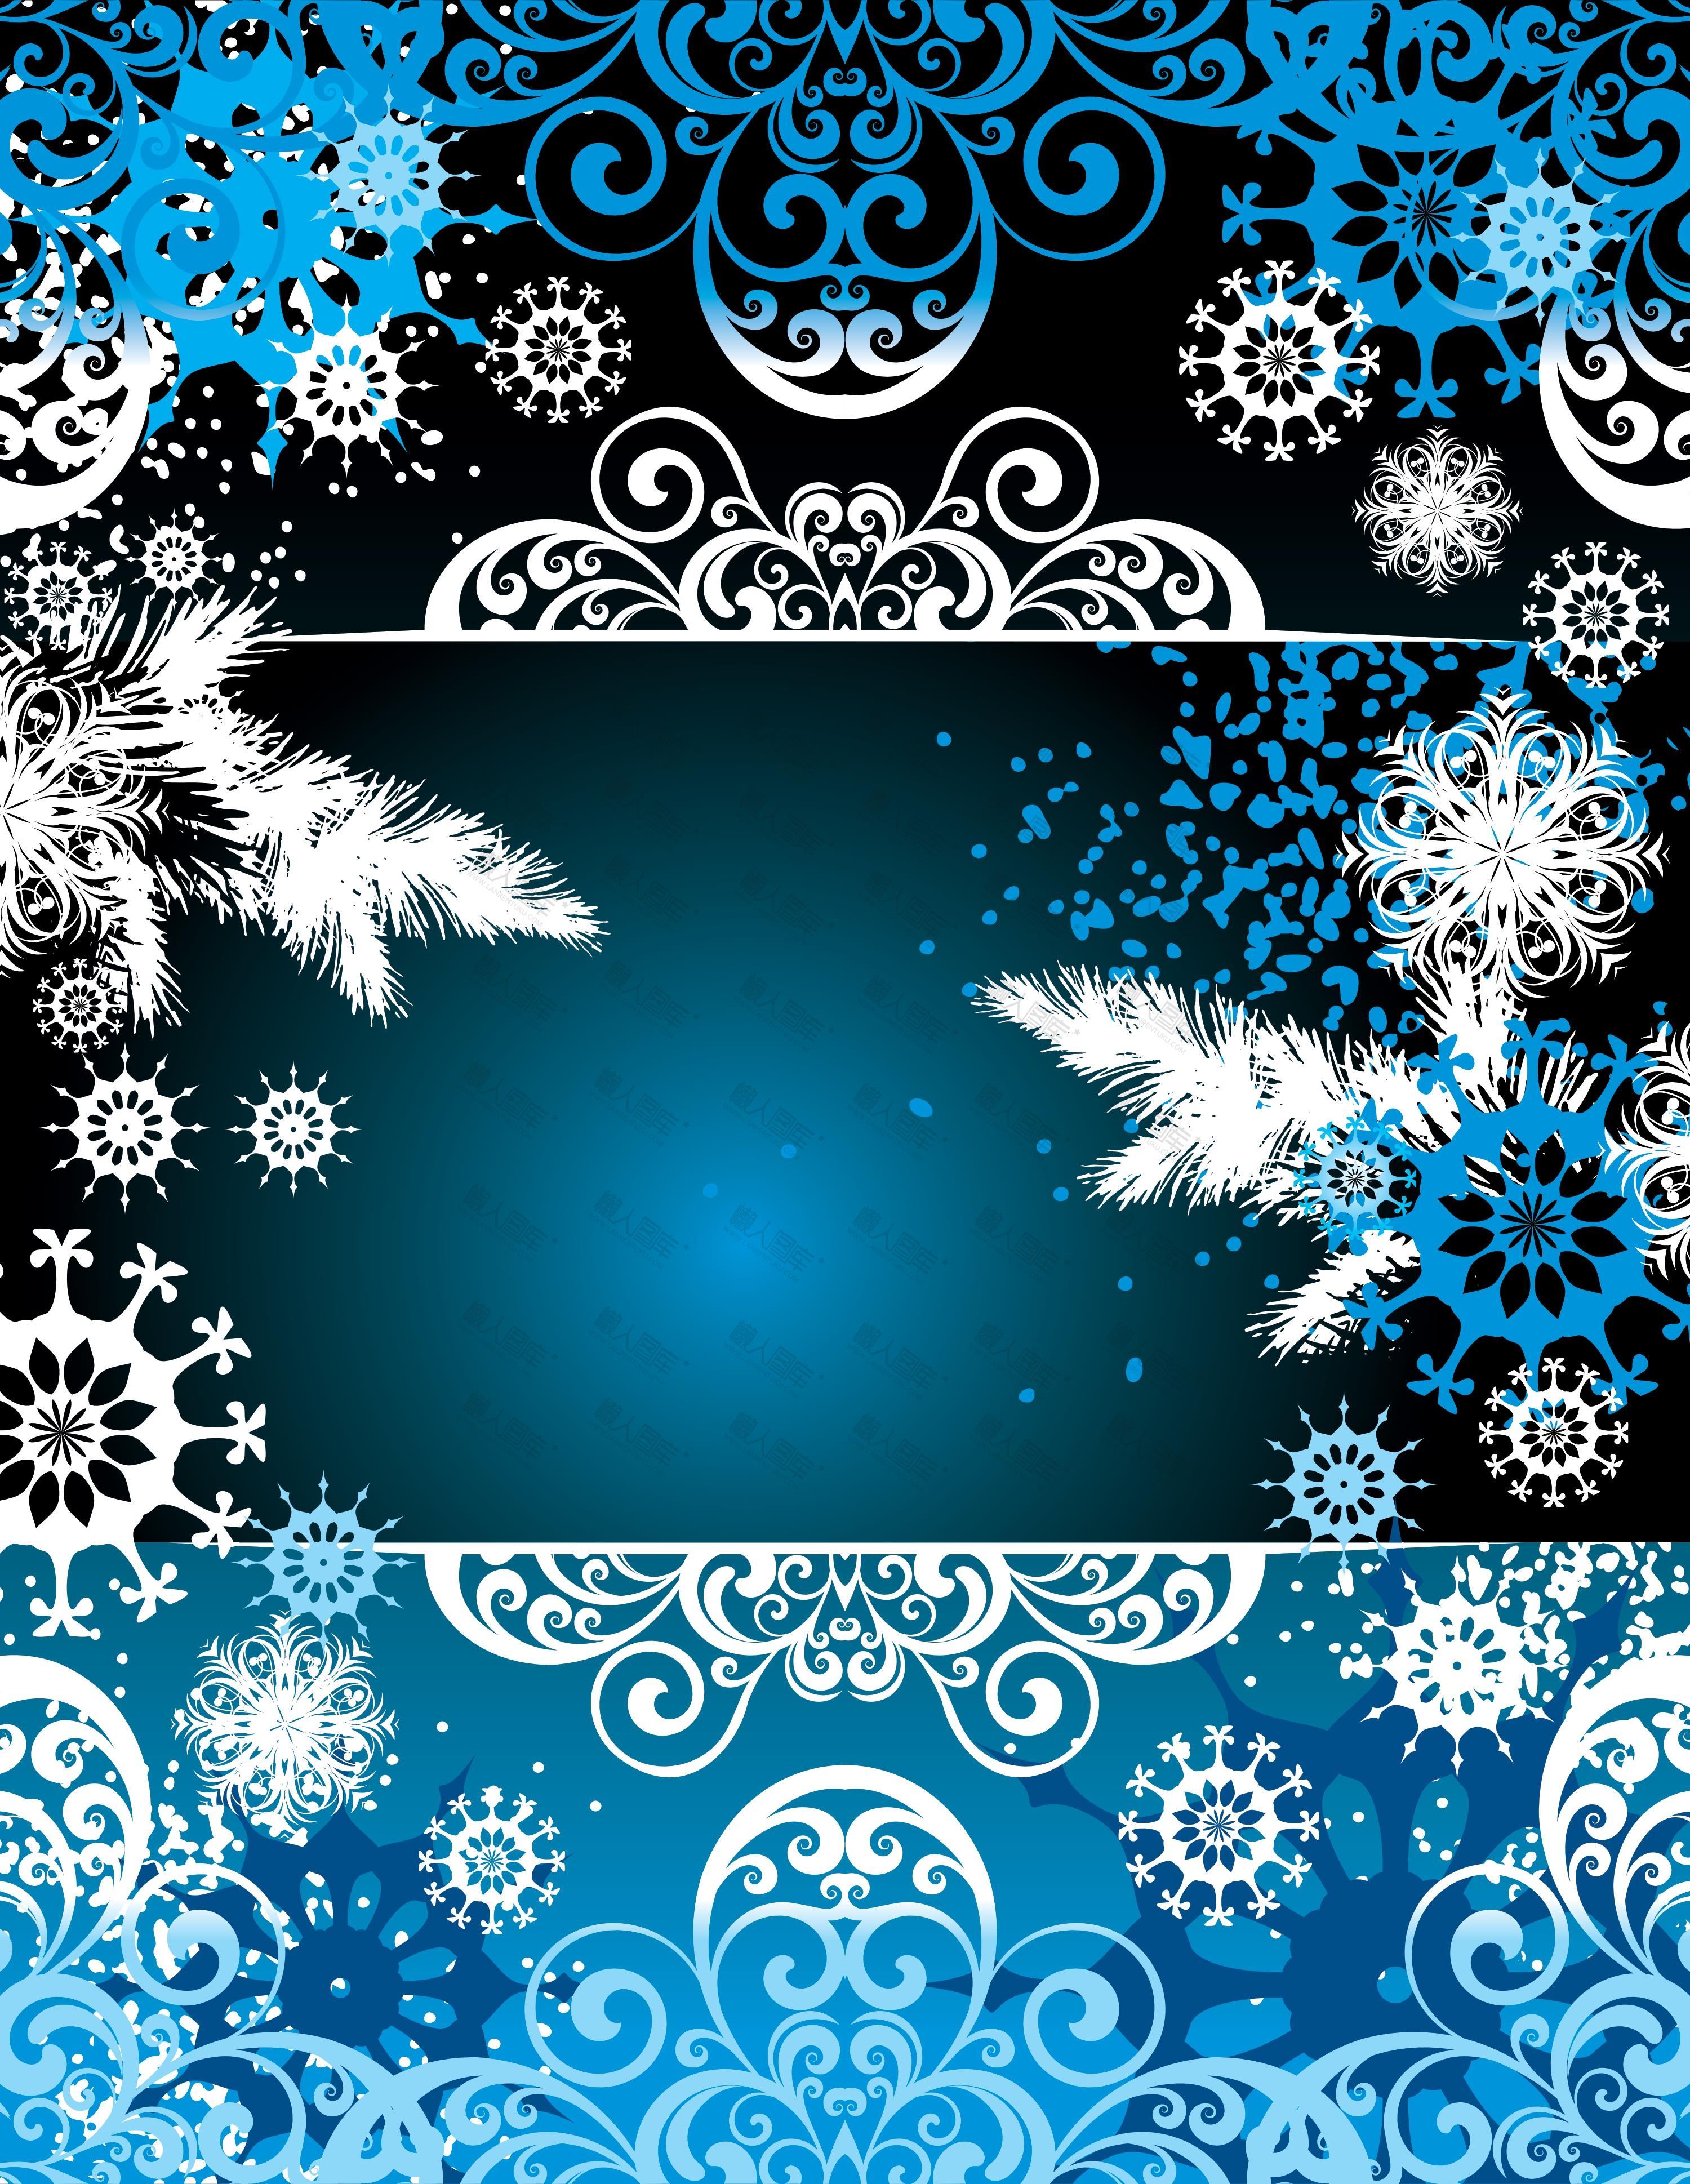 雪花纹理背景图